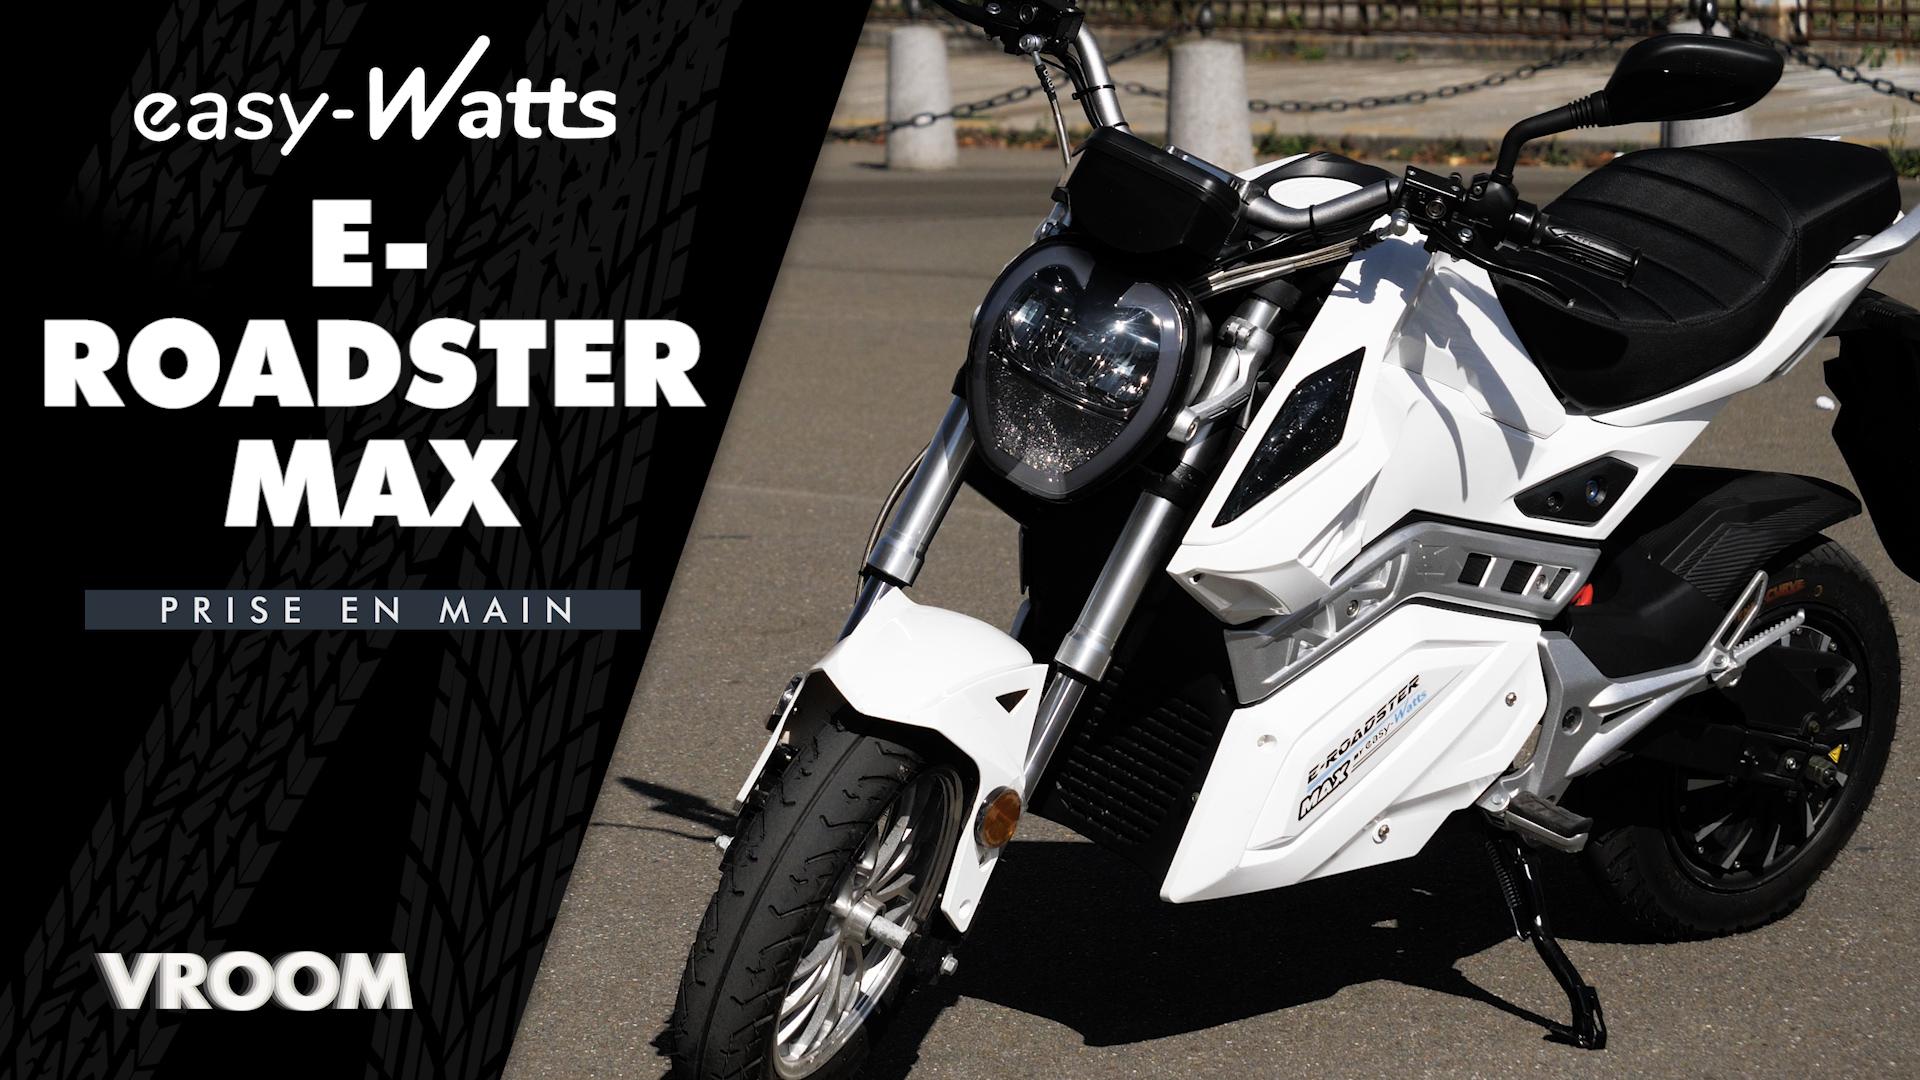 Test E-Roadster Max : la moto électrique puissante en manque de finesse